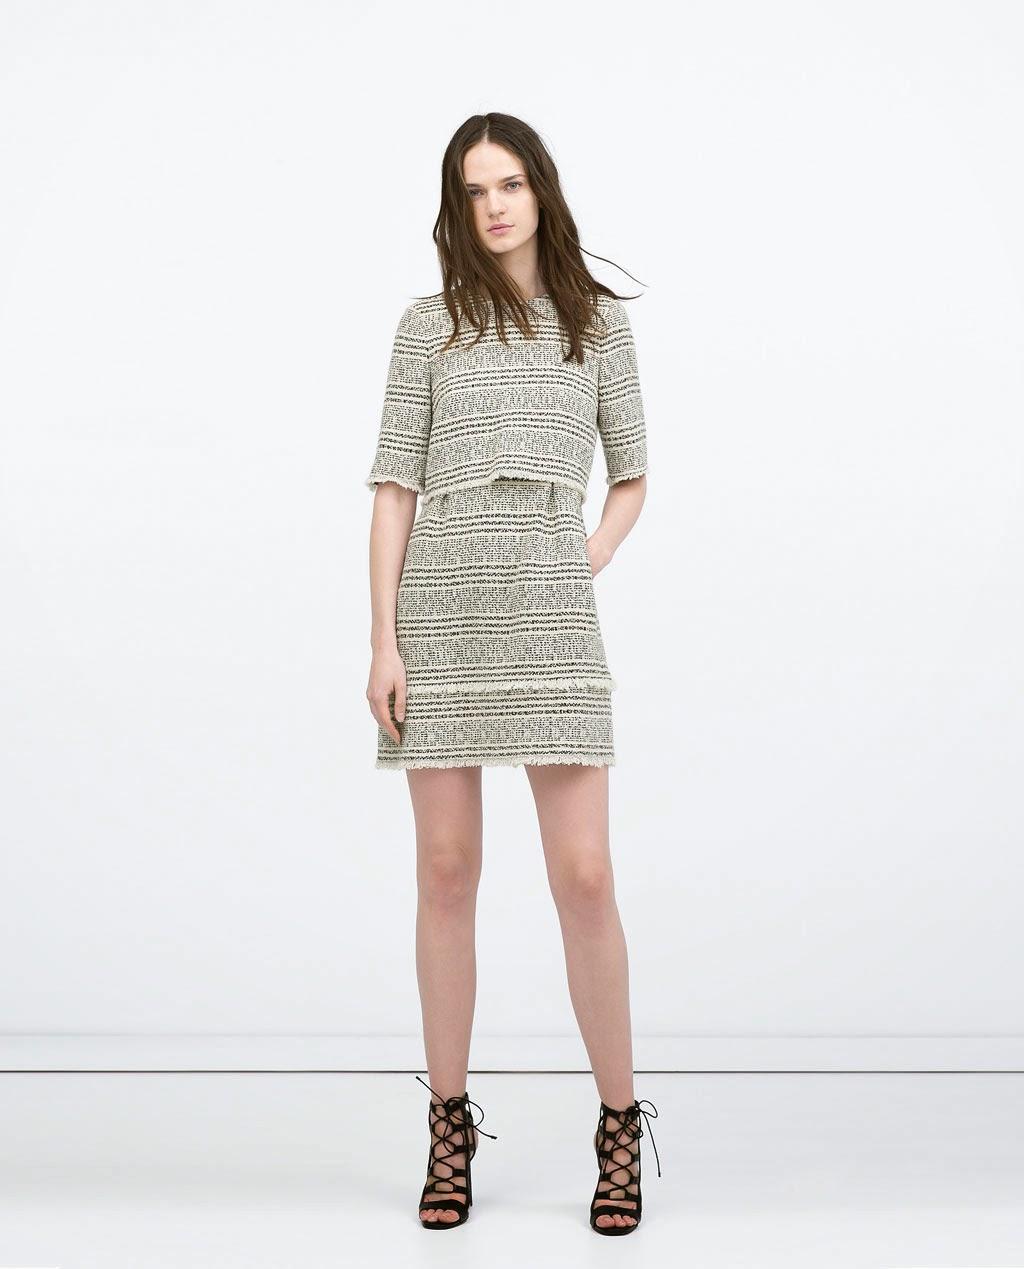 Clon vestido Chanel by Zara SS 2015